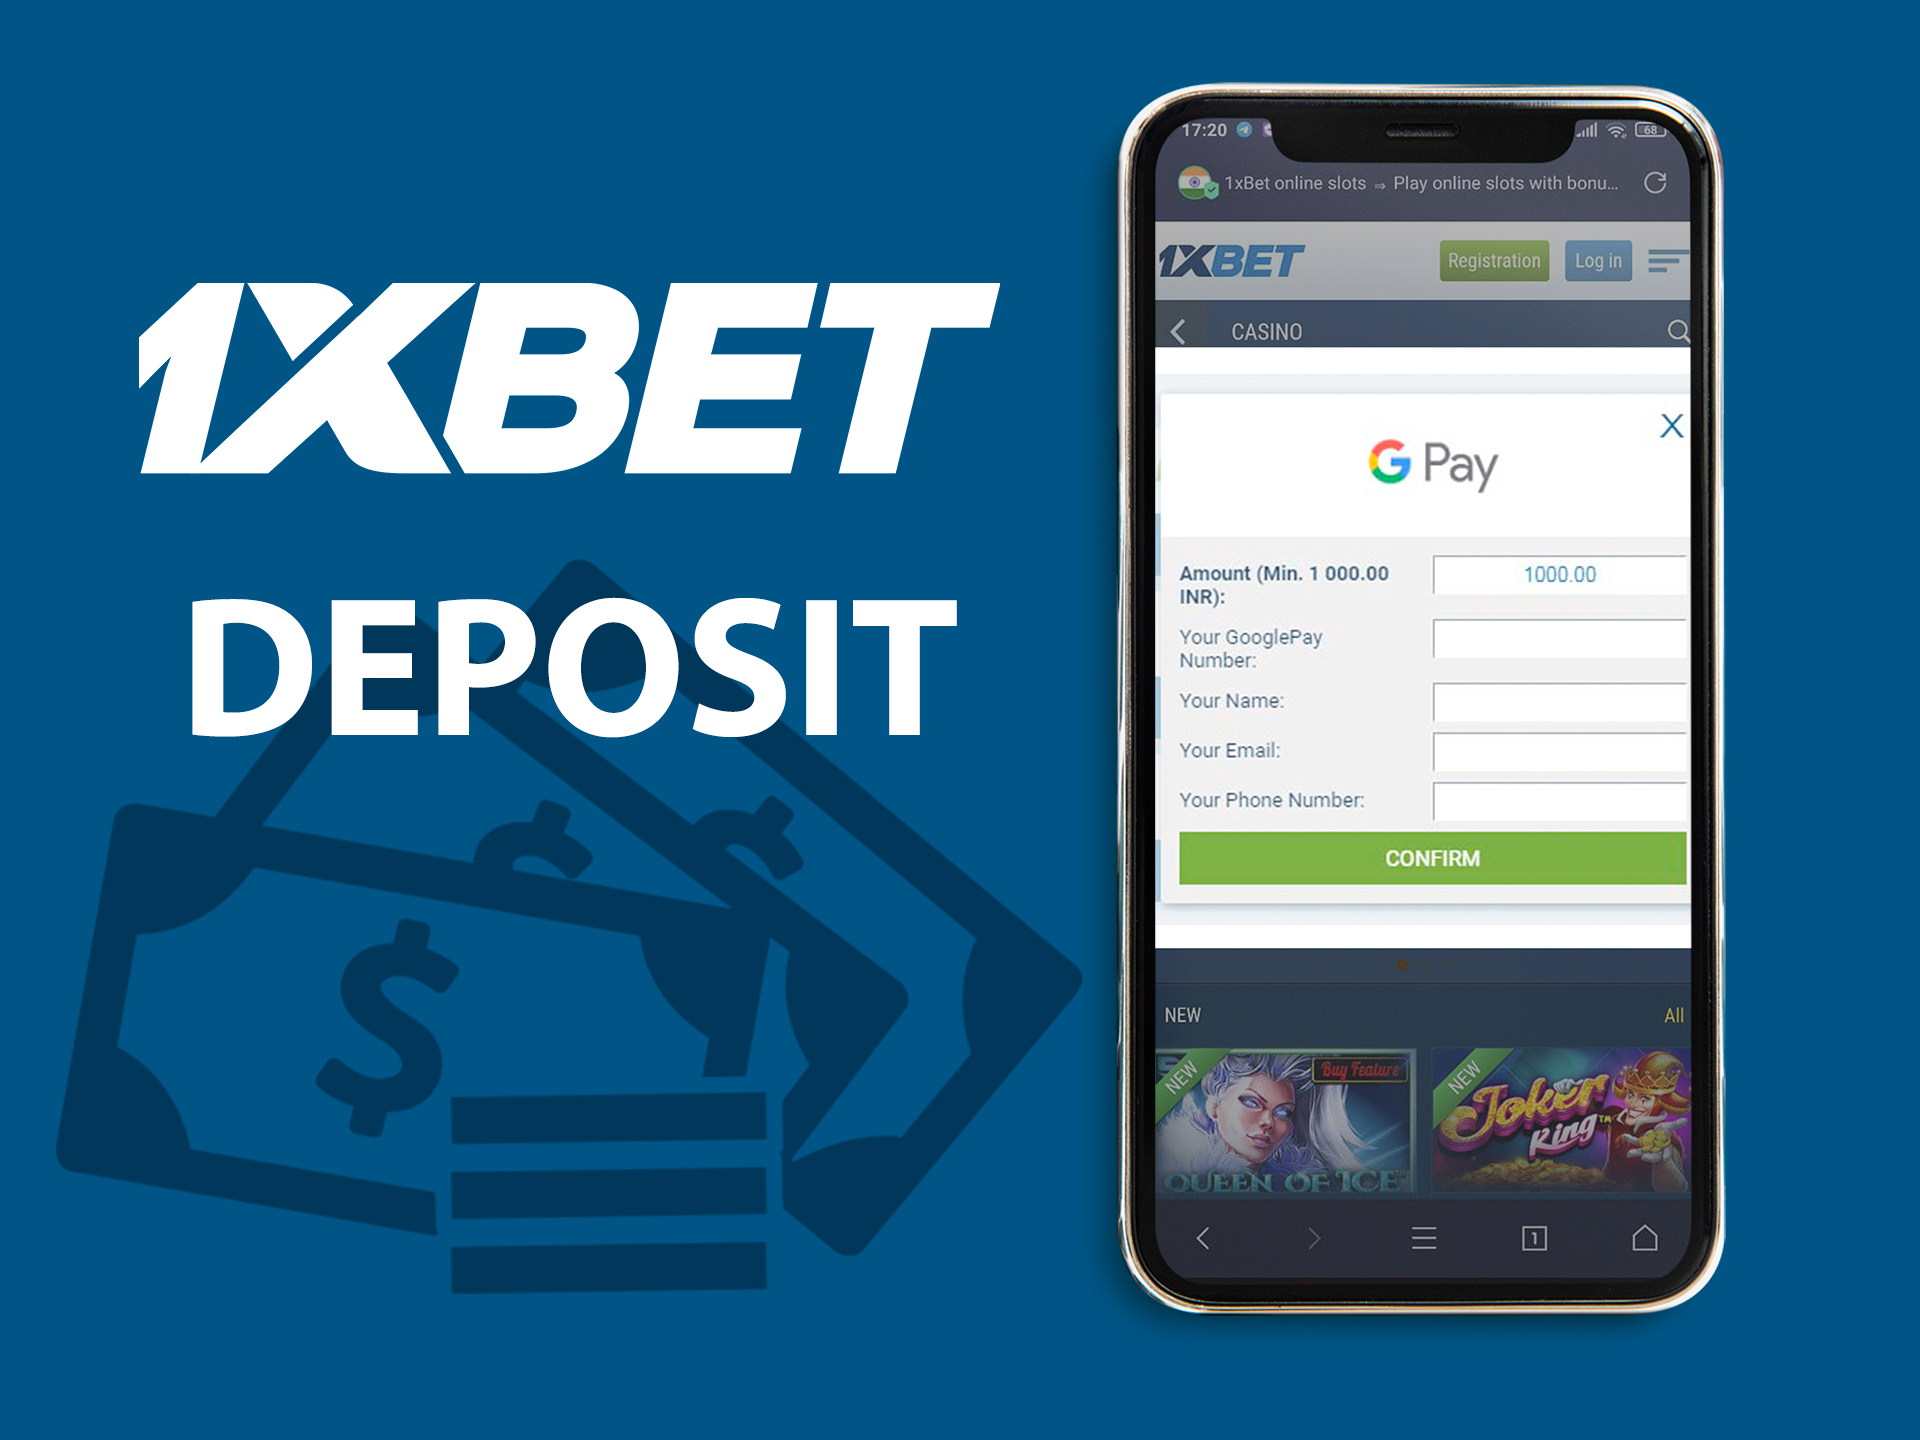 Deposit to 1xbet.